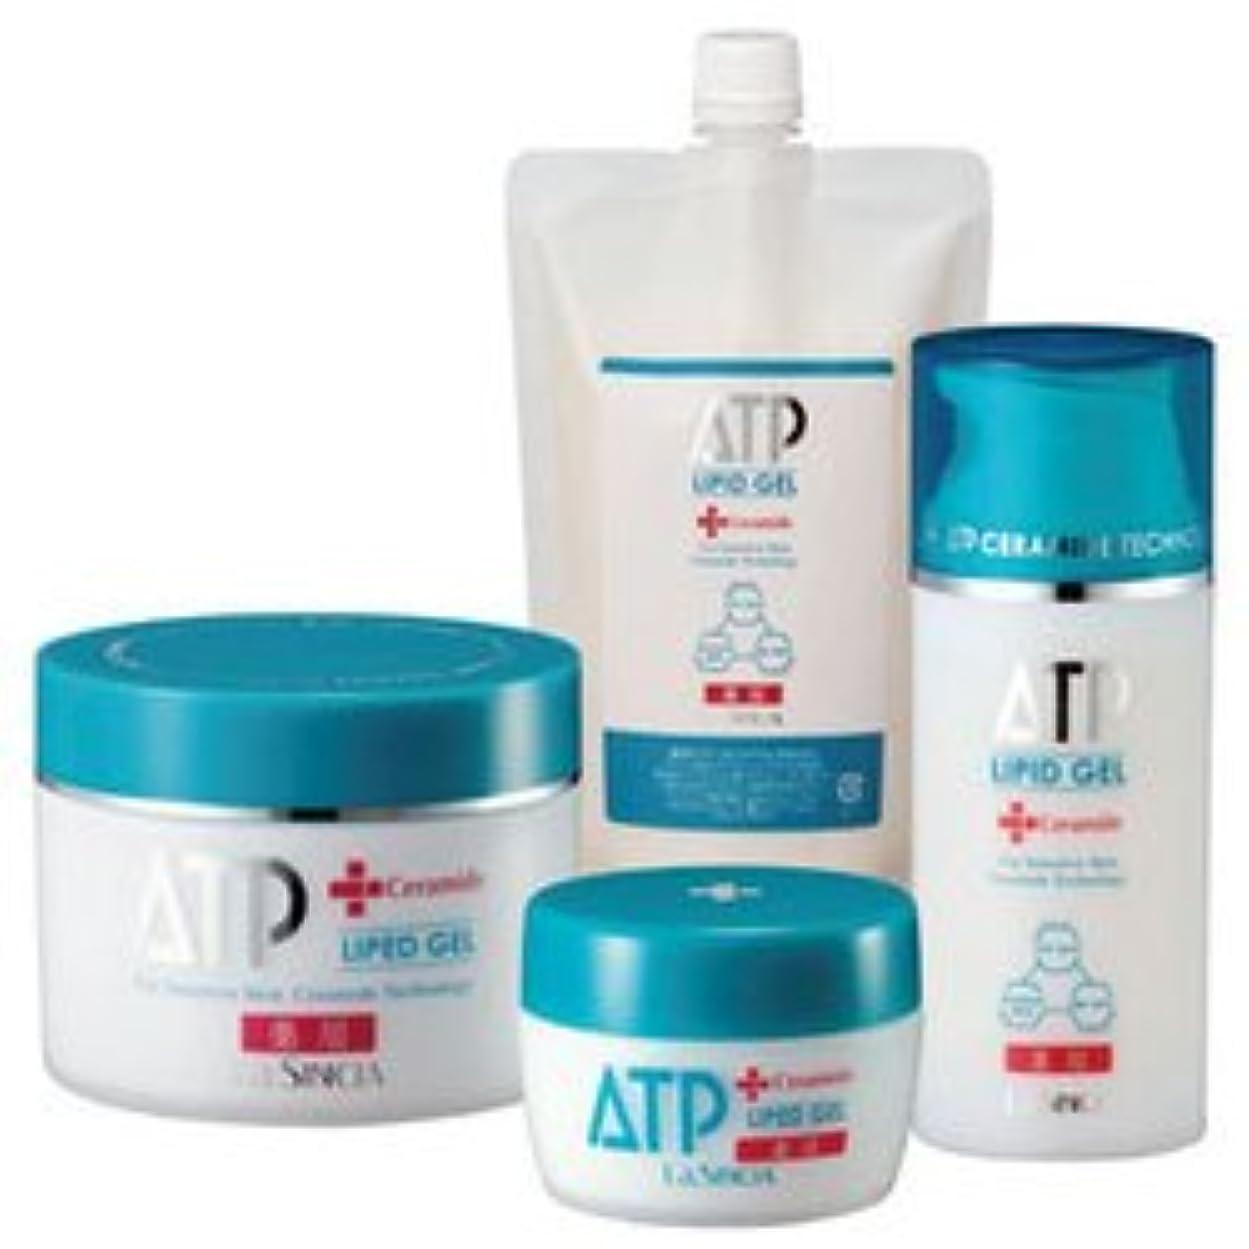 ラジカル失礼計画的ラシンシア 薬用 ATP リピッドゲル 400g 詰替用